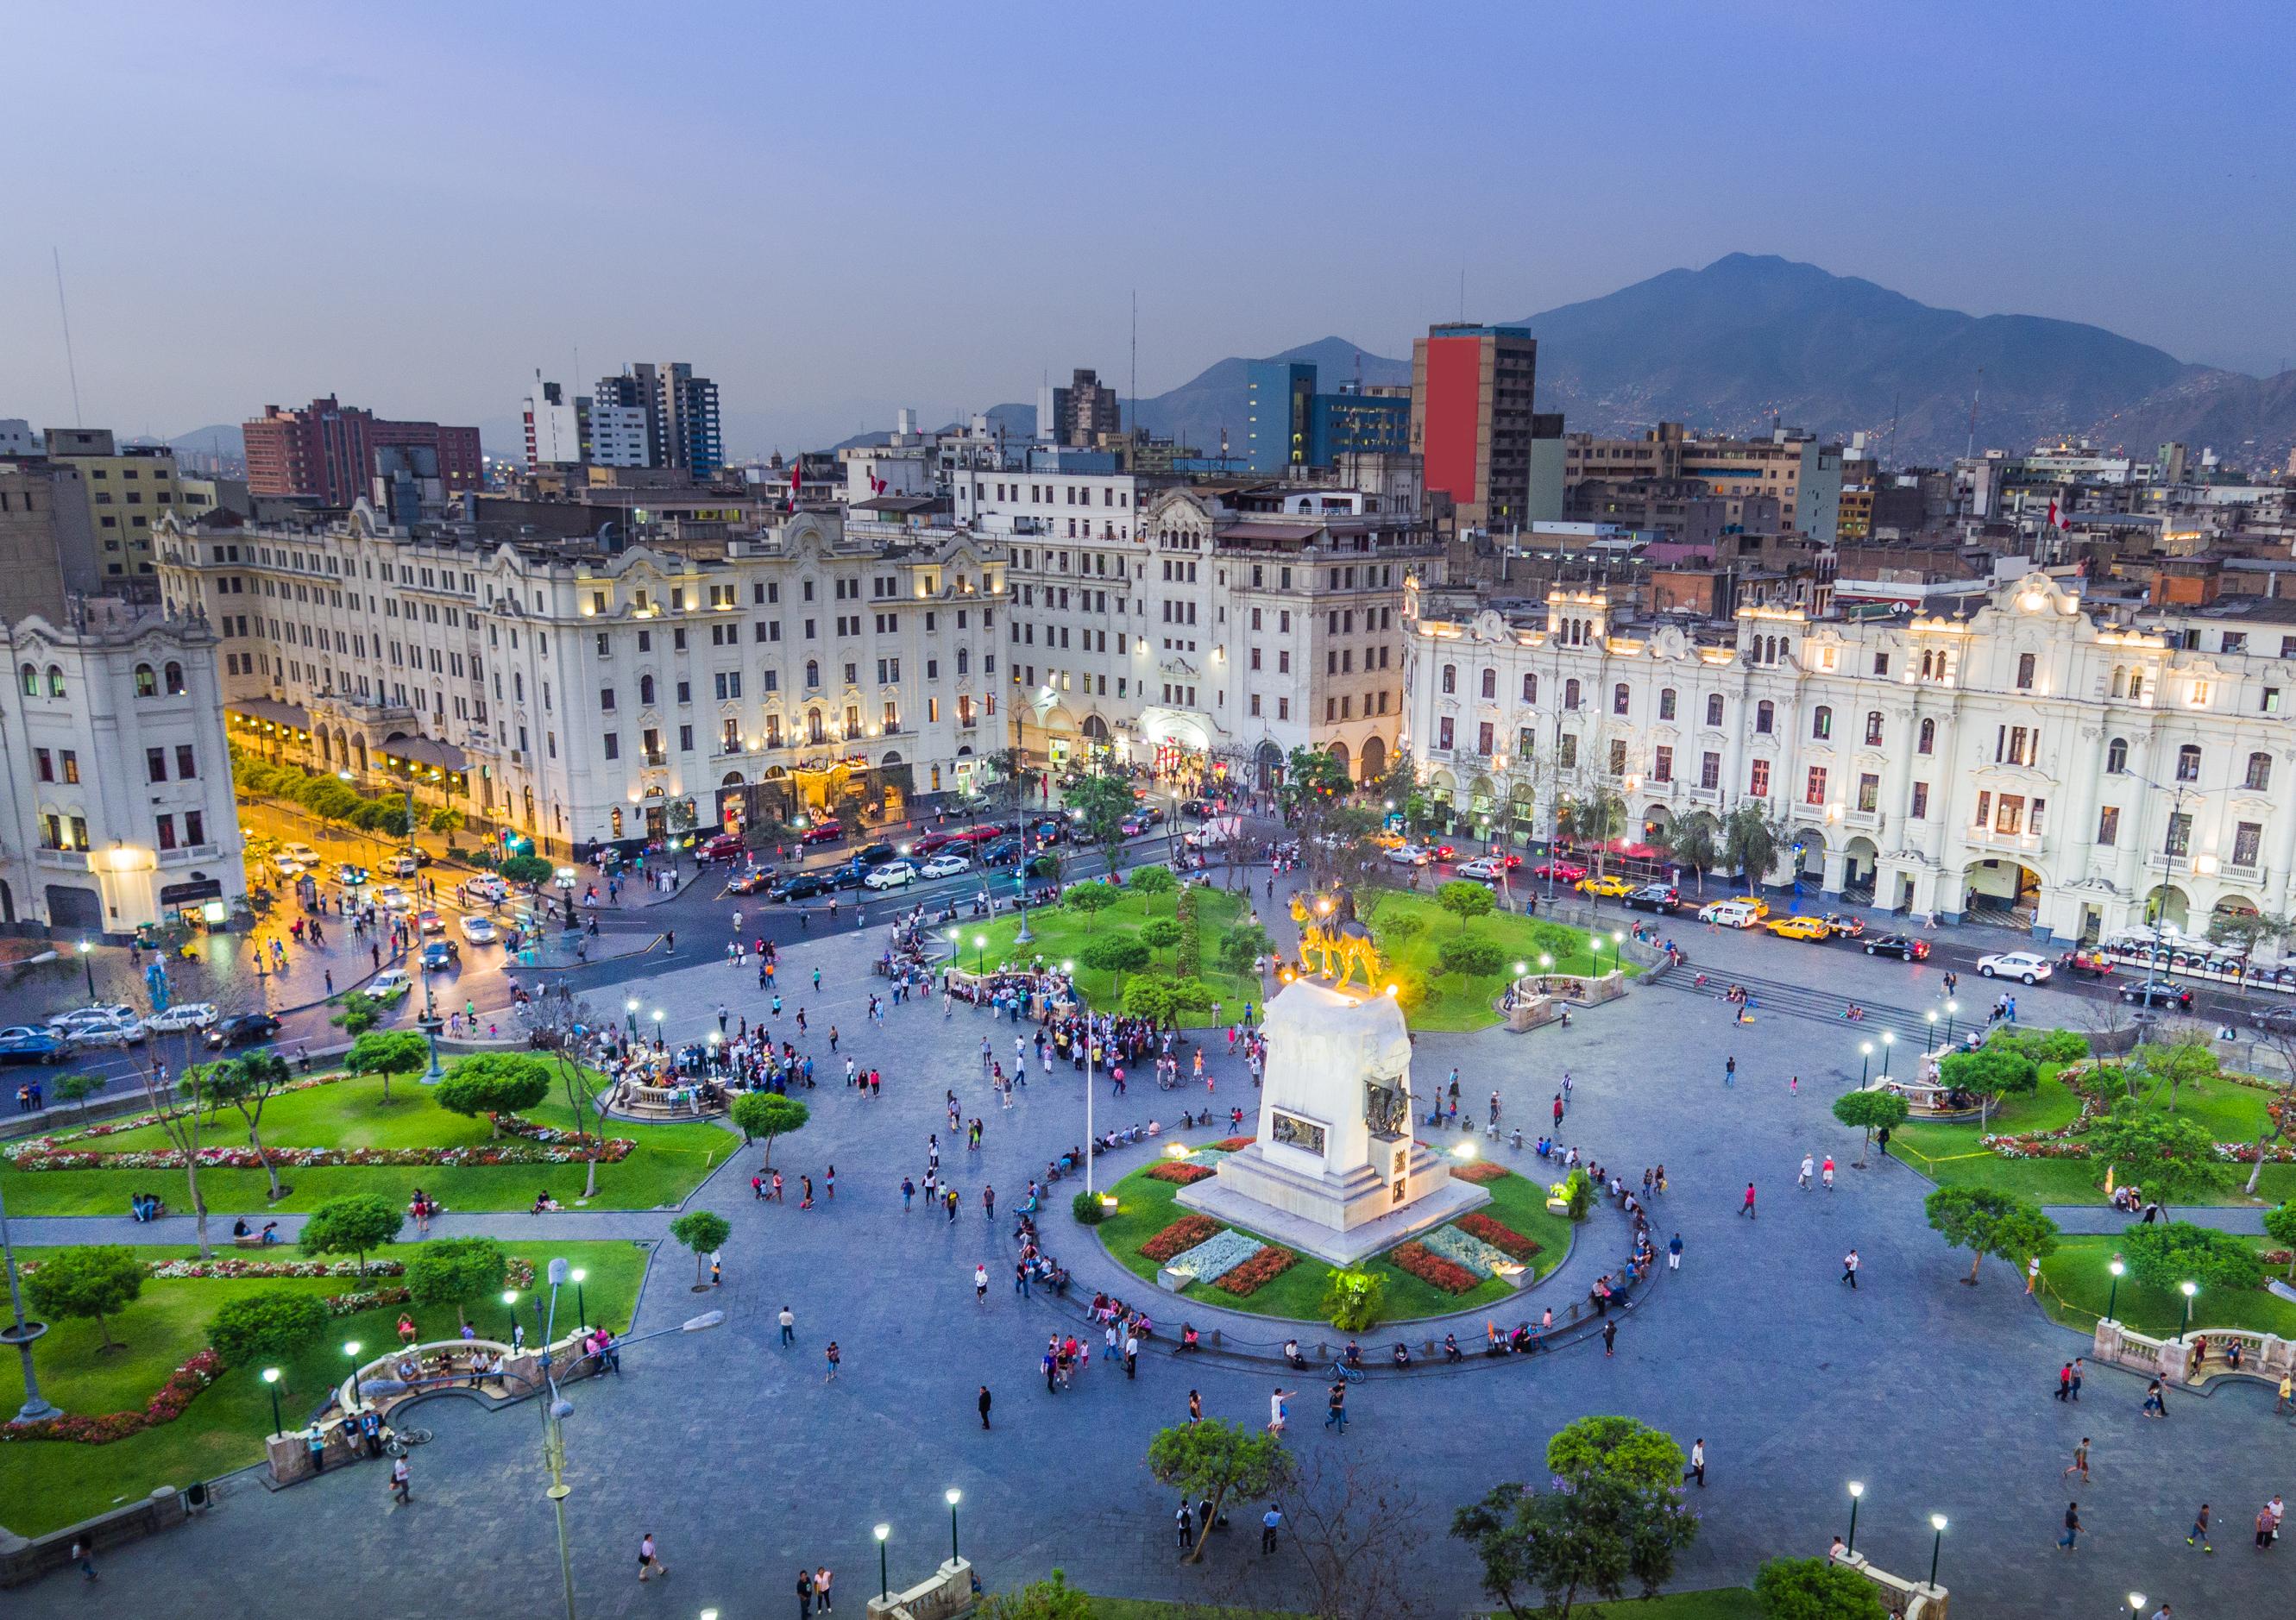 秘魯利馬市區+黃金博物館一日遊(利馬大教堂+聖馬丁廣場+總統府+愛情公園)